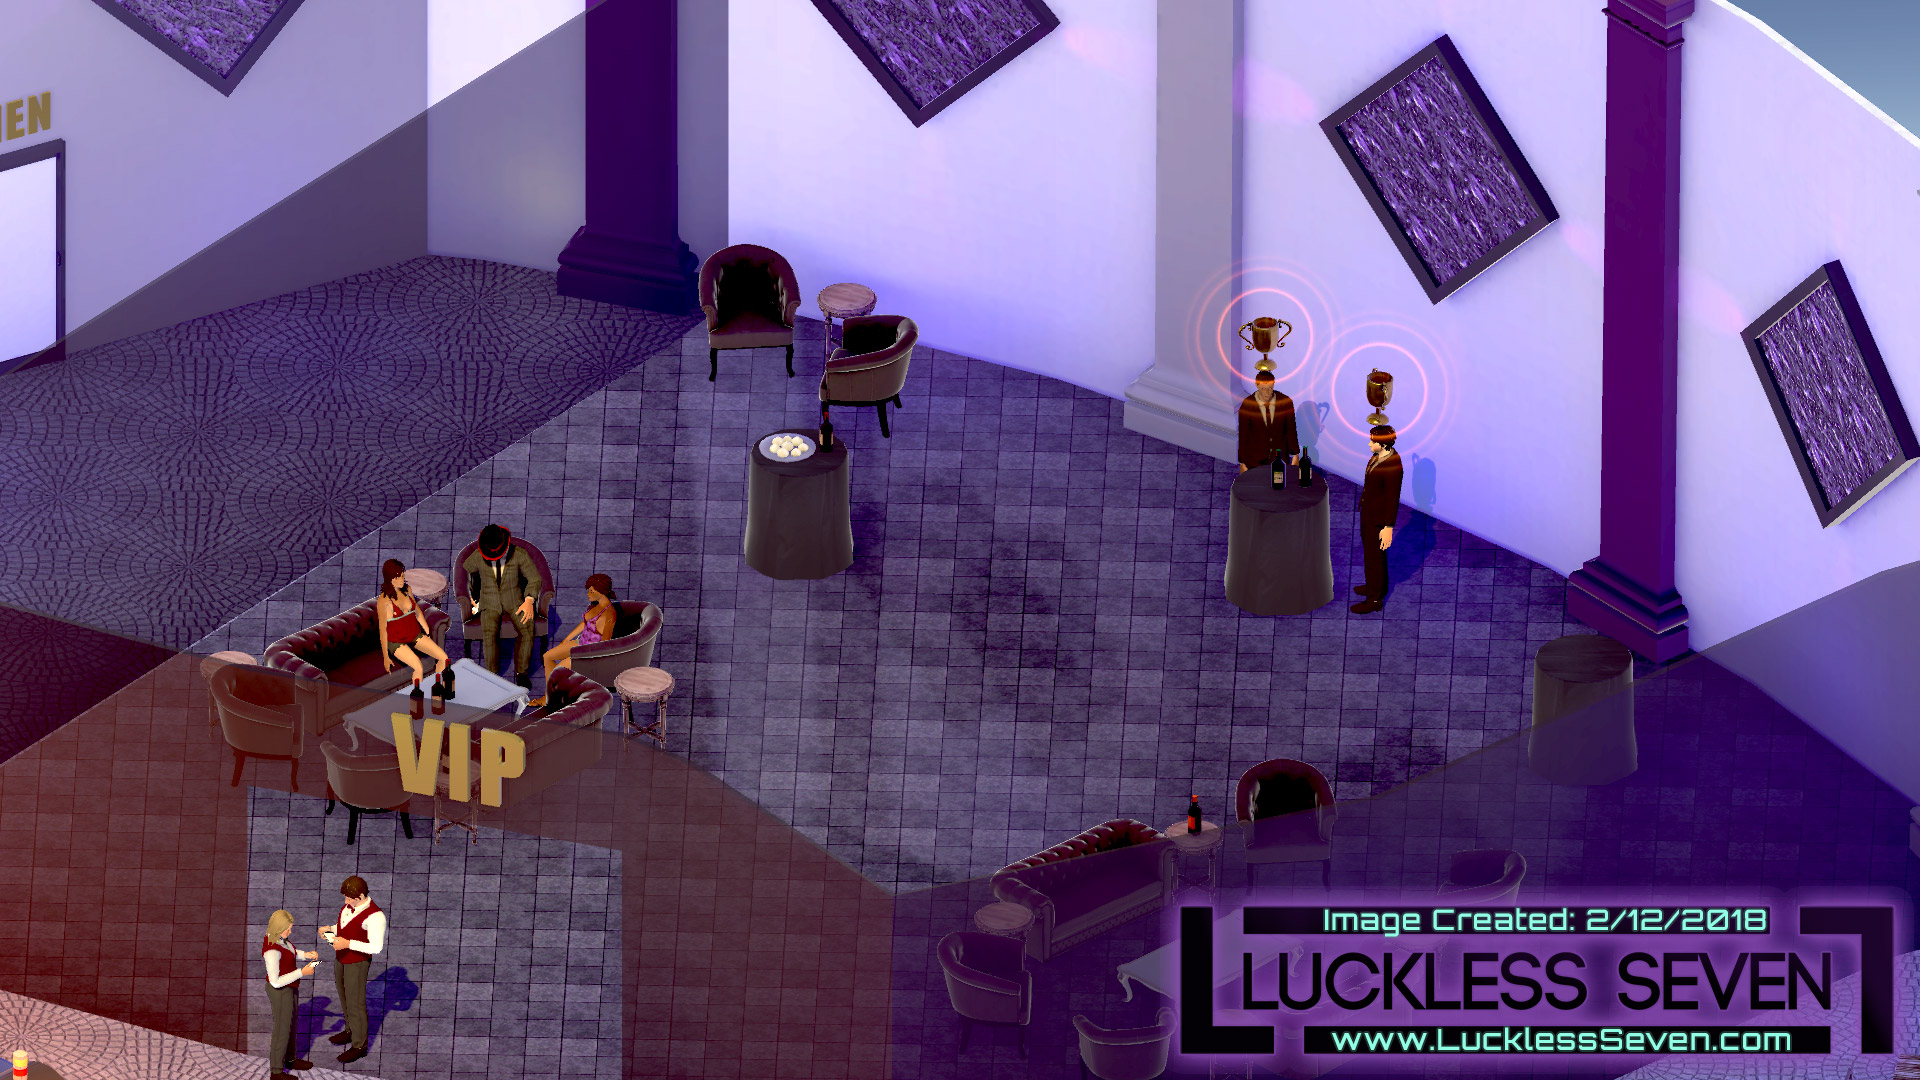 Luckless Seven Amethyst Casino I 1